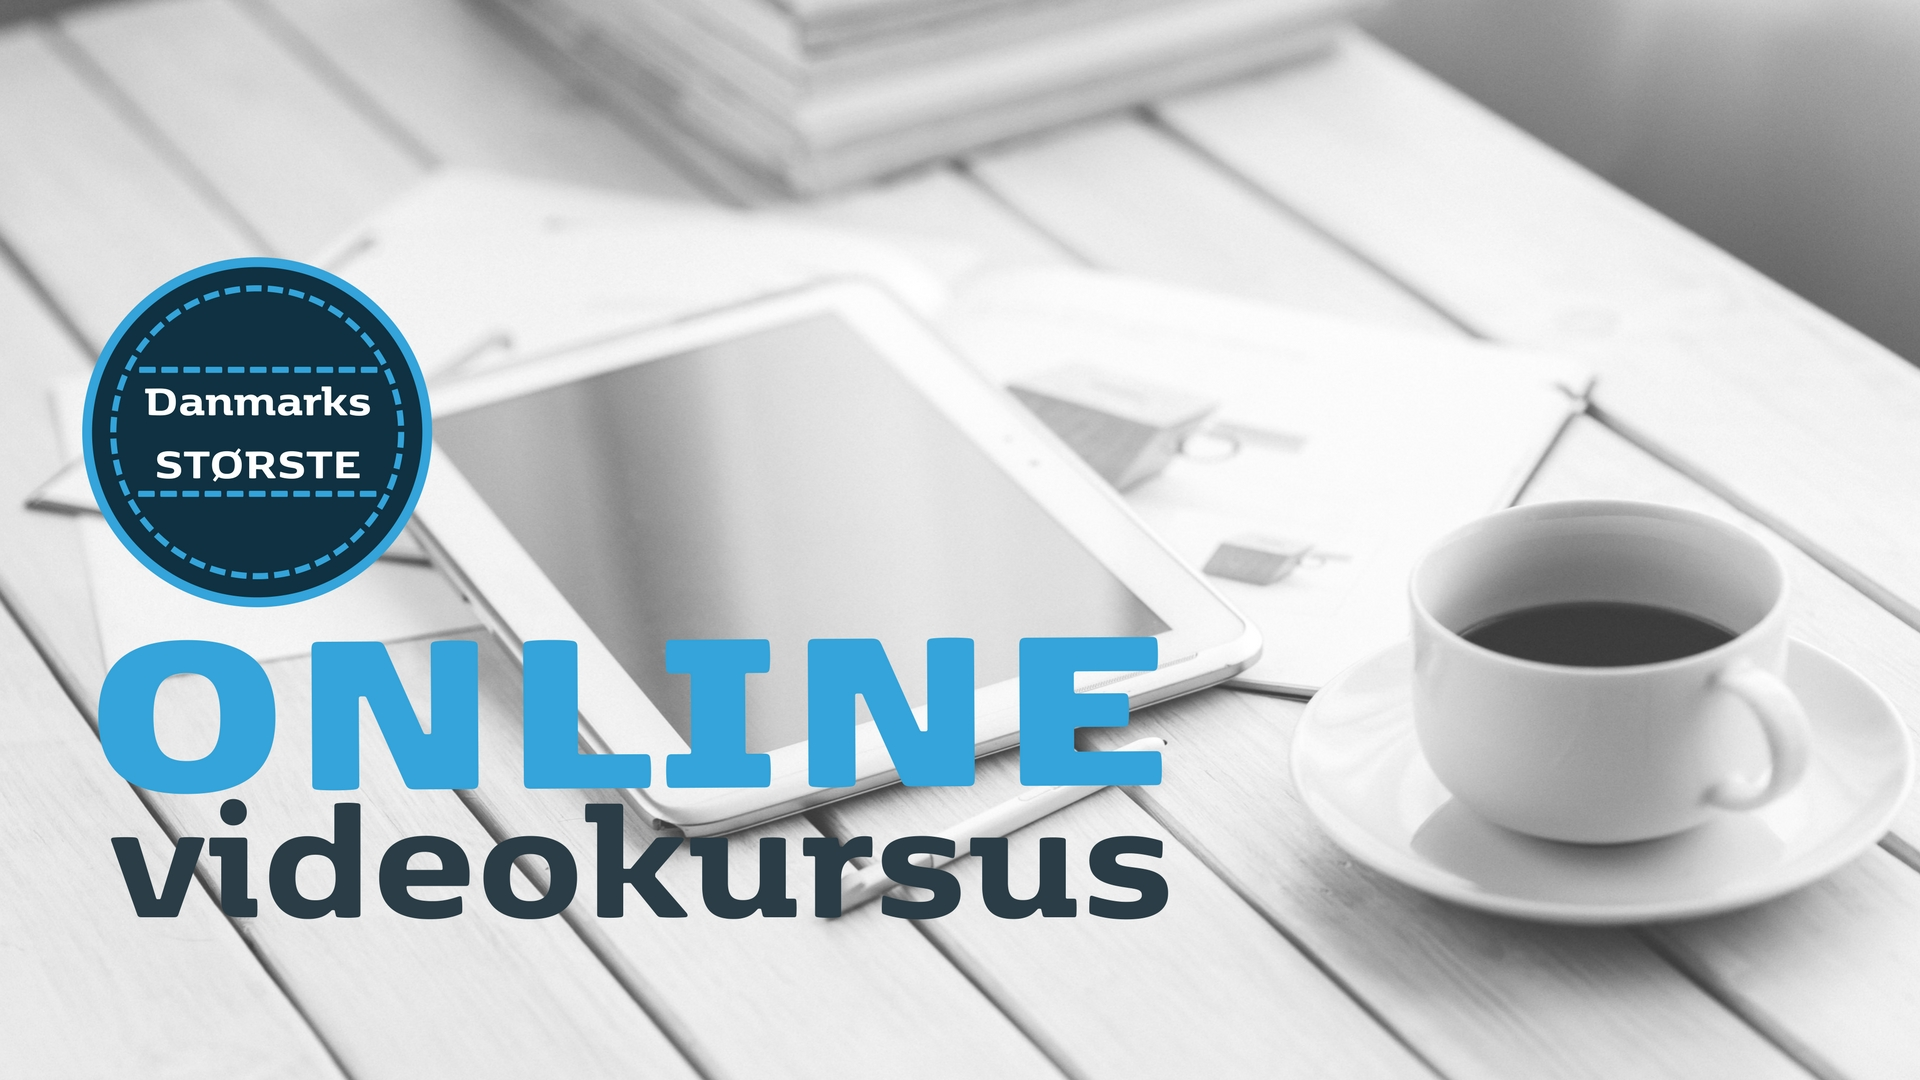 Onlinevideokursus2.jpg